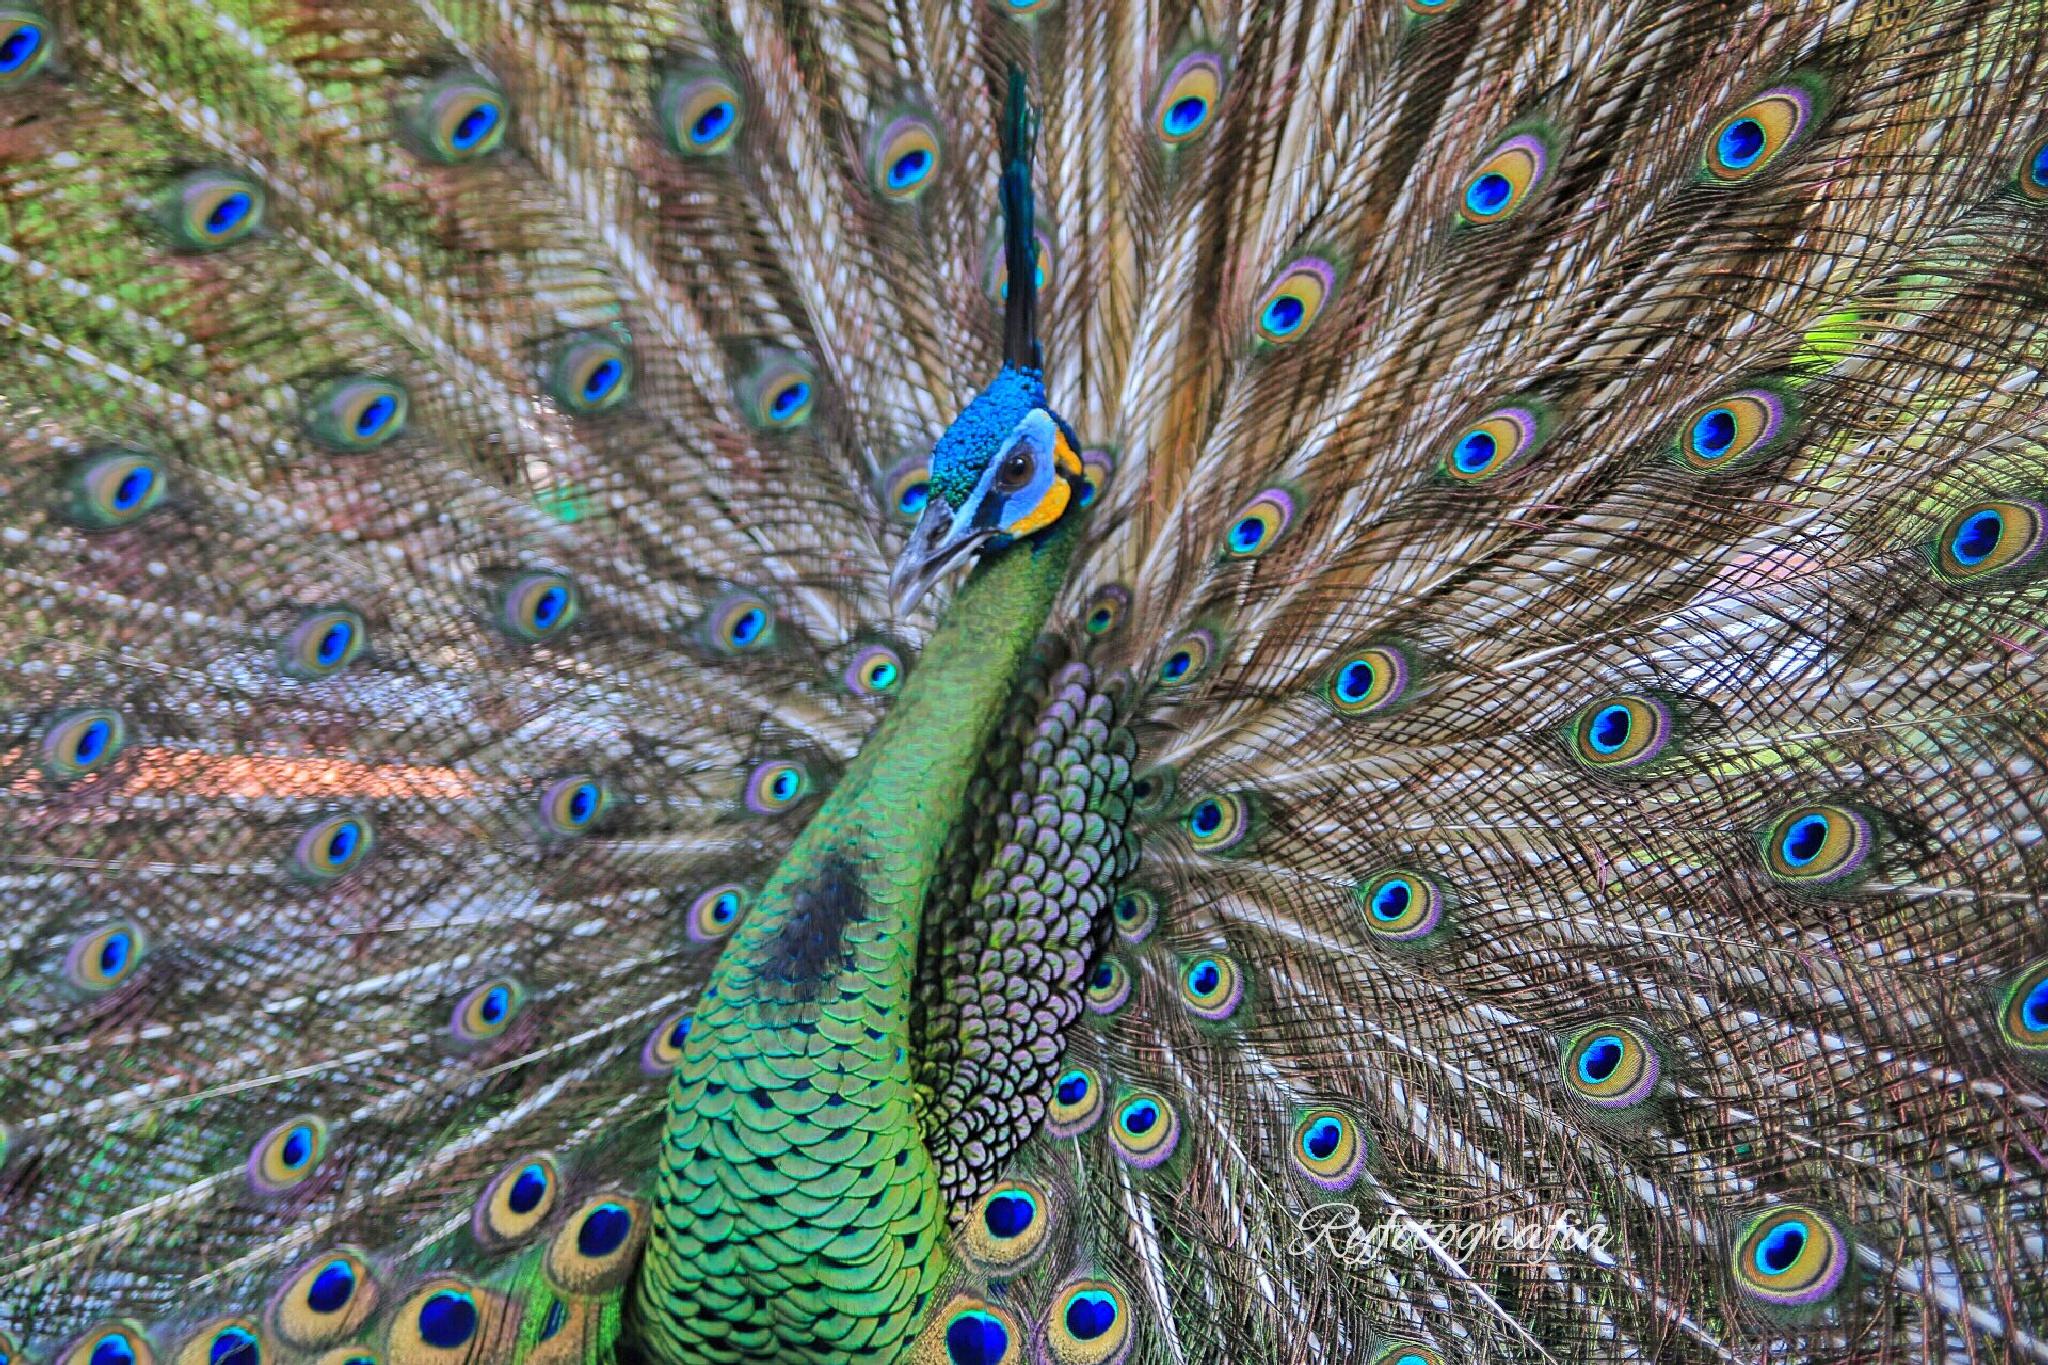 Peacock by ryudhawinata